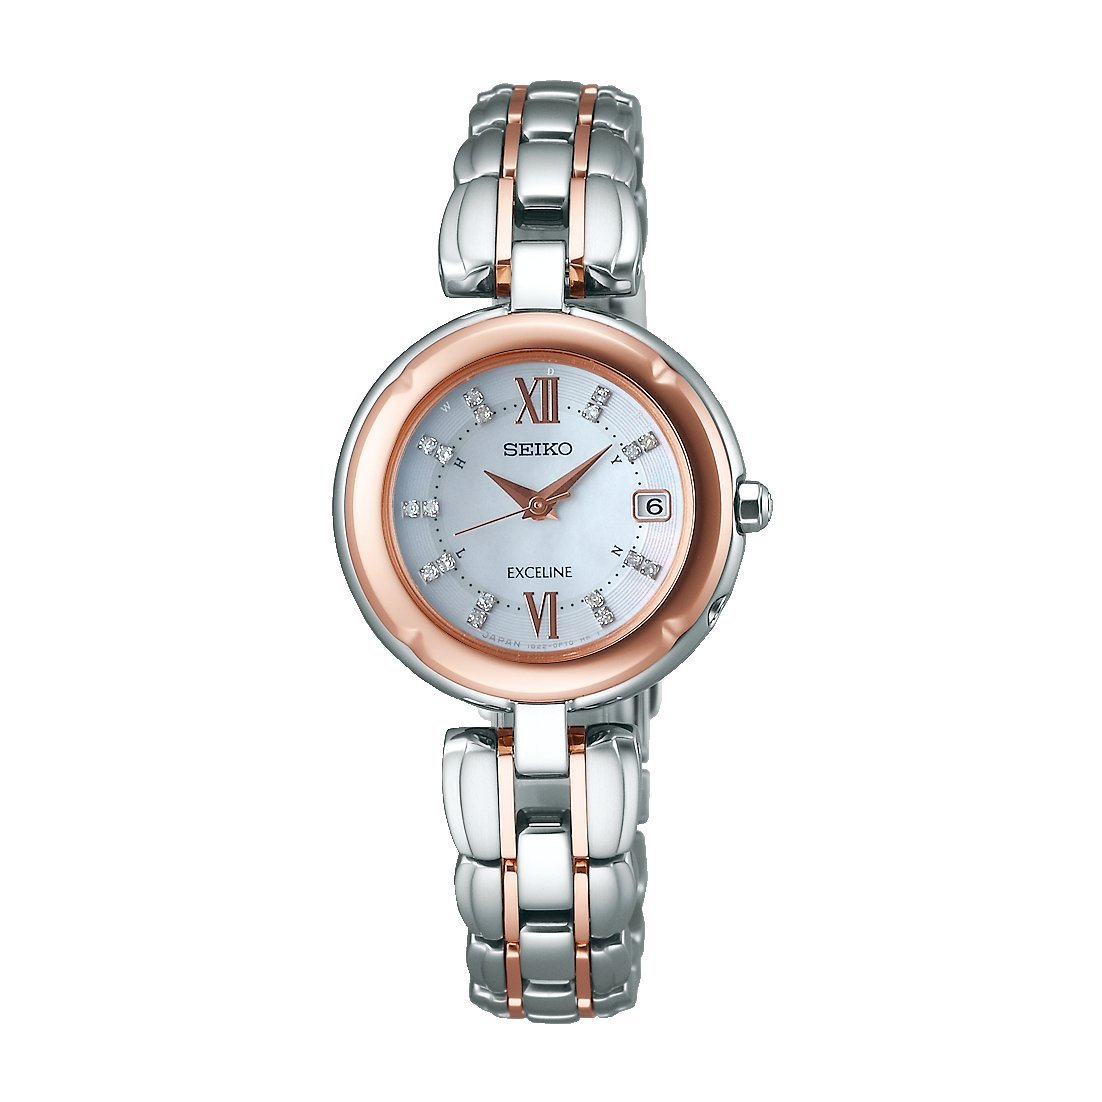 SEIKO EXCELINE Christmas limited 300 pieces SWCW128 solar radio watch diamond